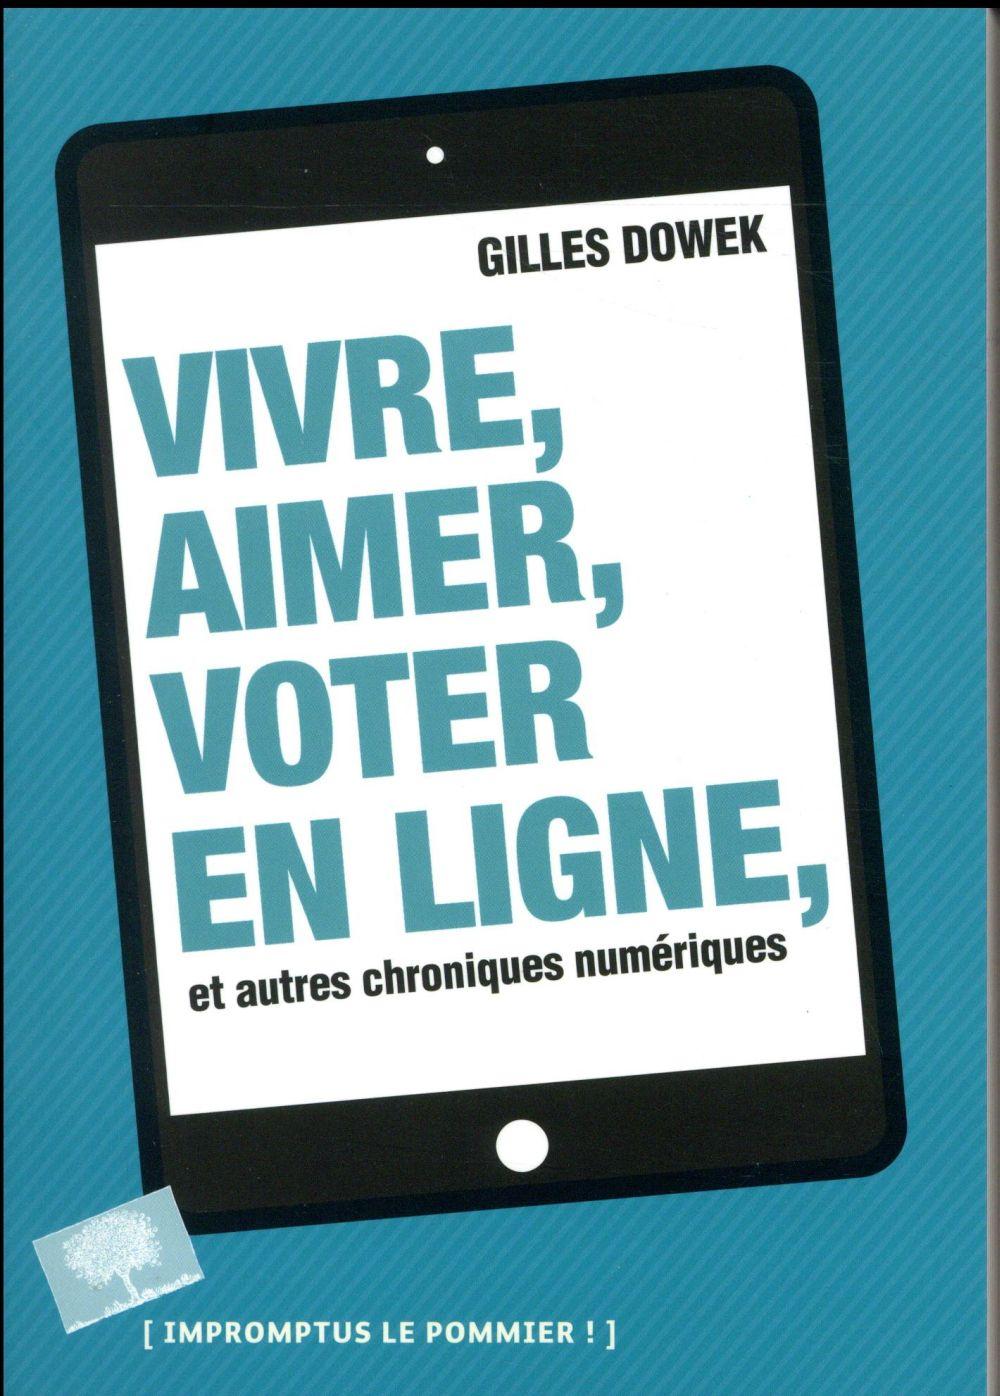 Vivre, aimer, voter en ligne et autres chroniques numériques